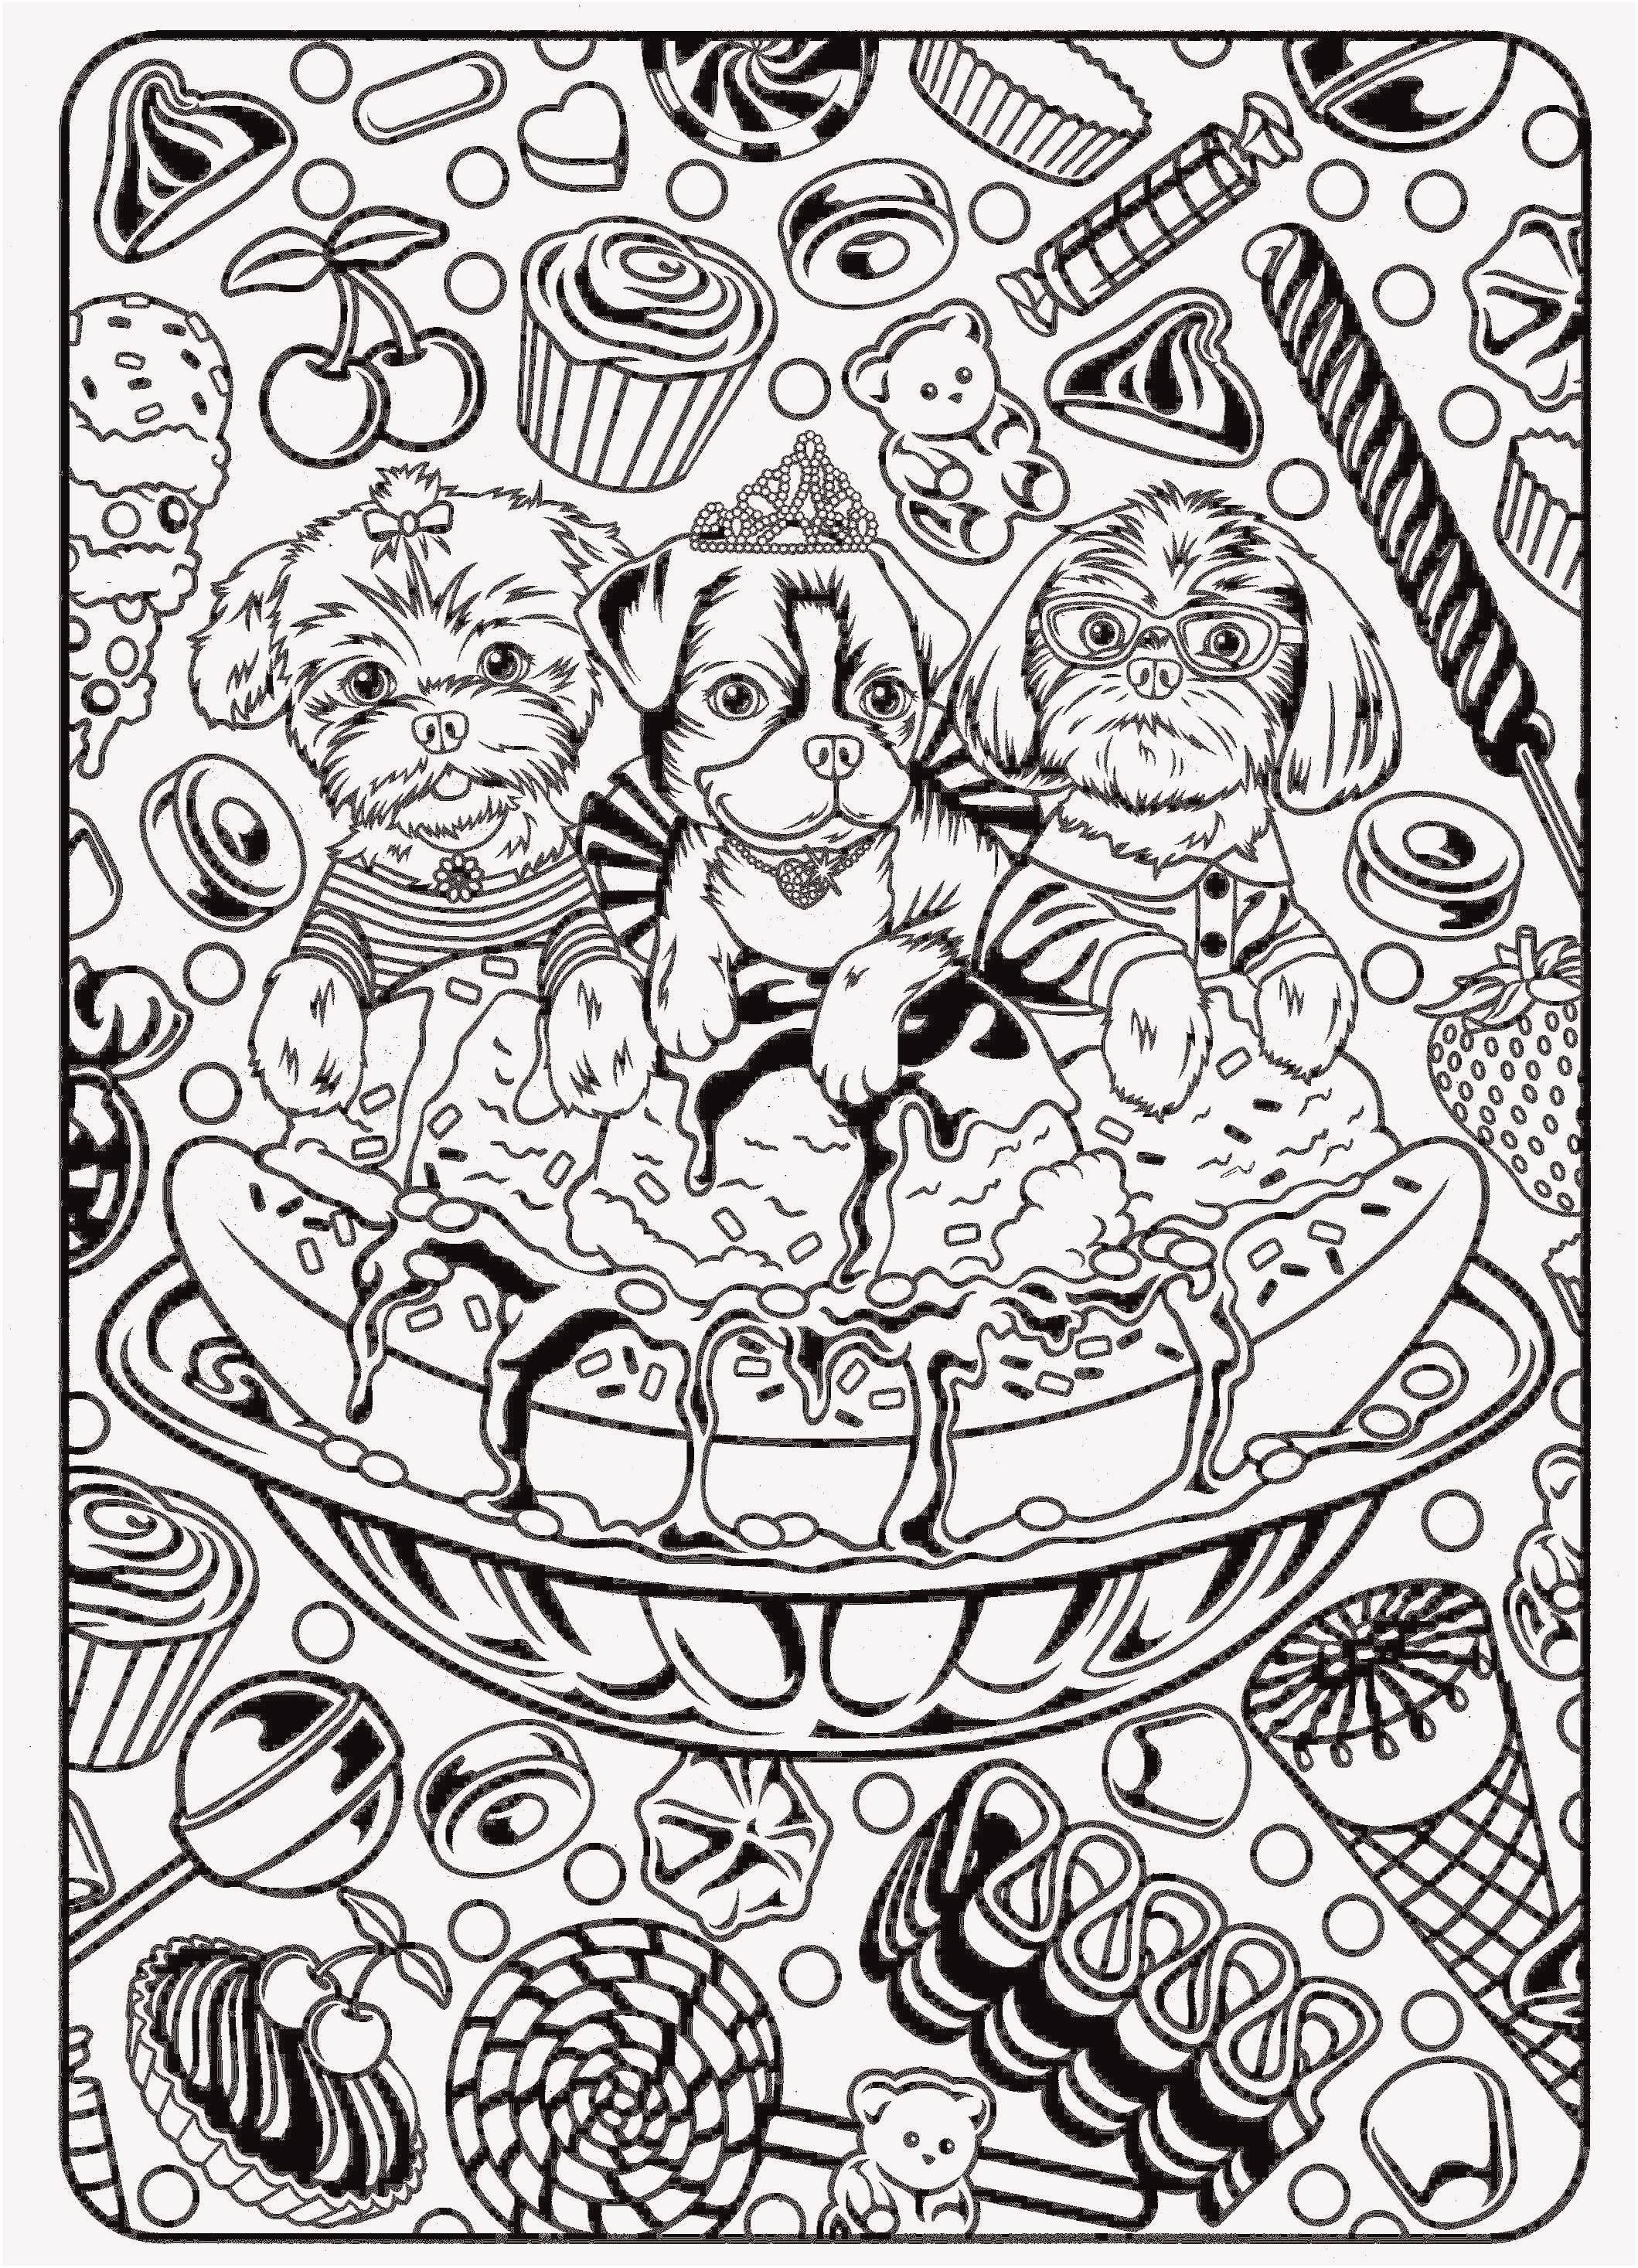 Ausmalbild Hello Kitty Frisch 40 Fantastisch Hello Kitty Malvorlage – Große Coloring Page Sammlung Galerie